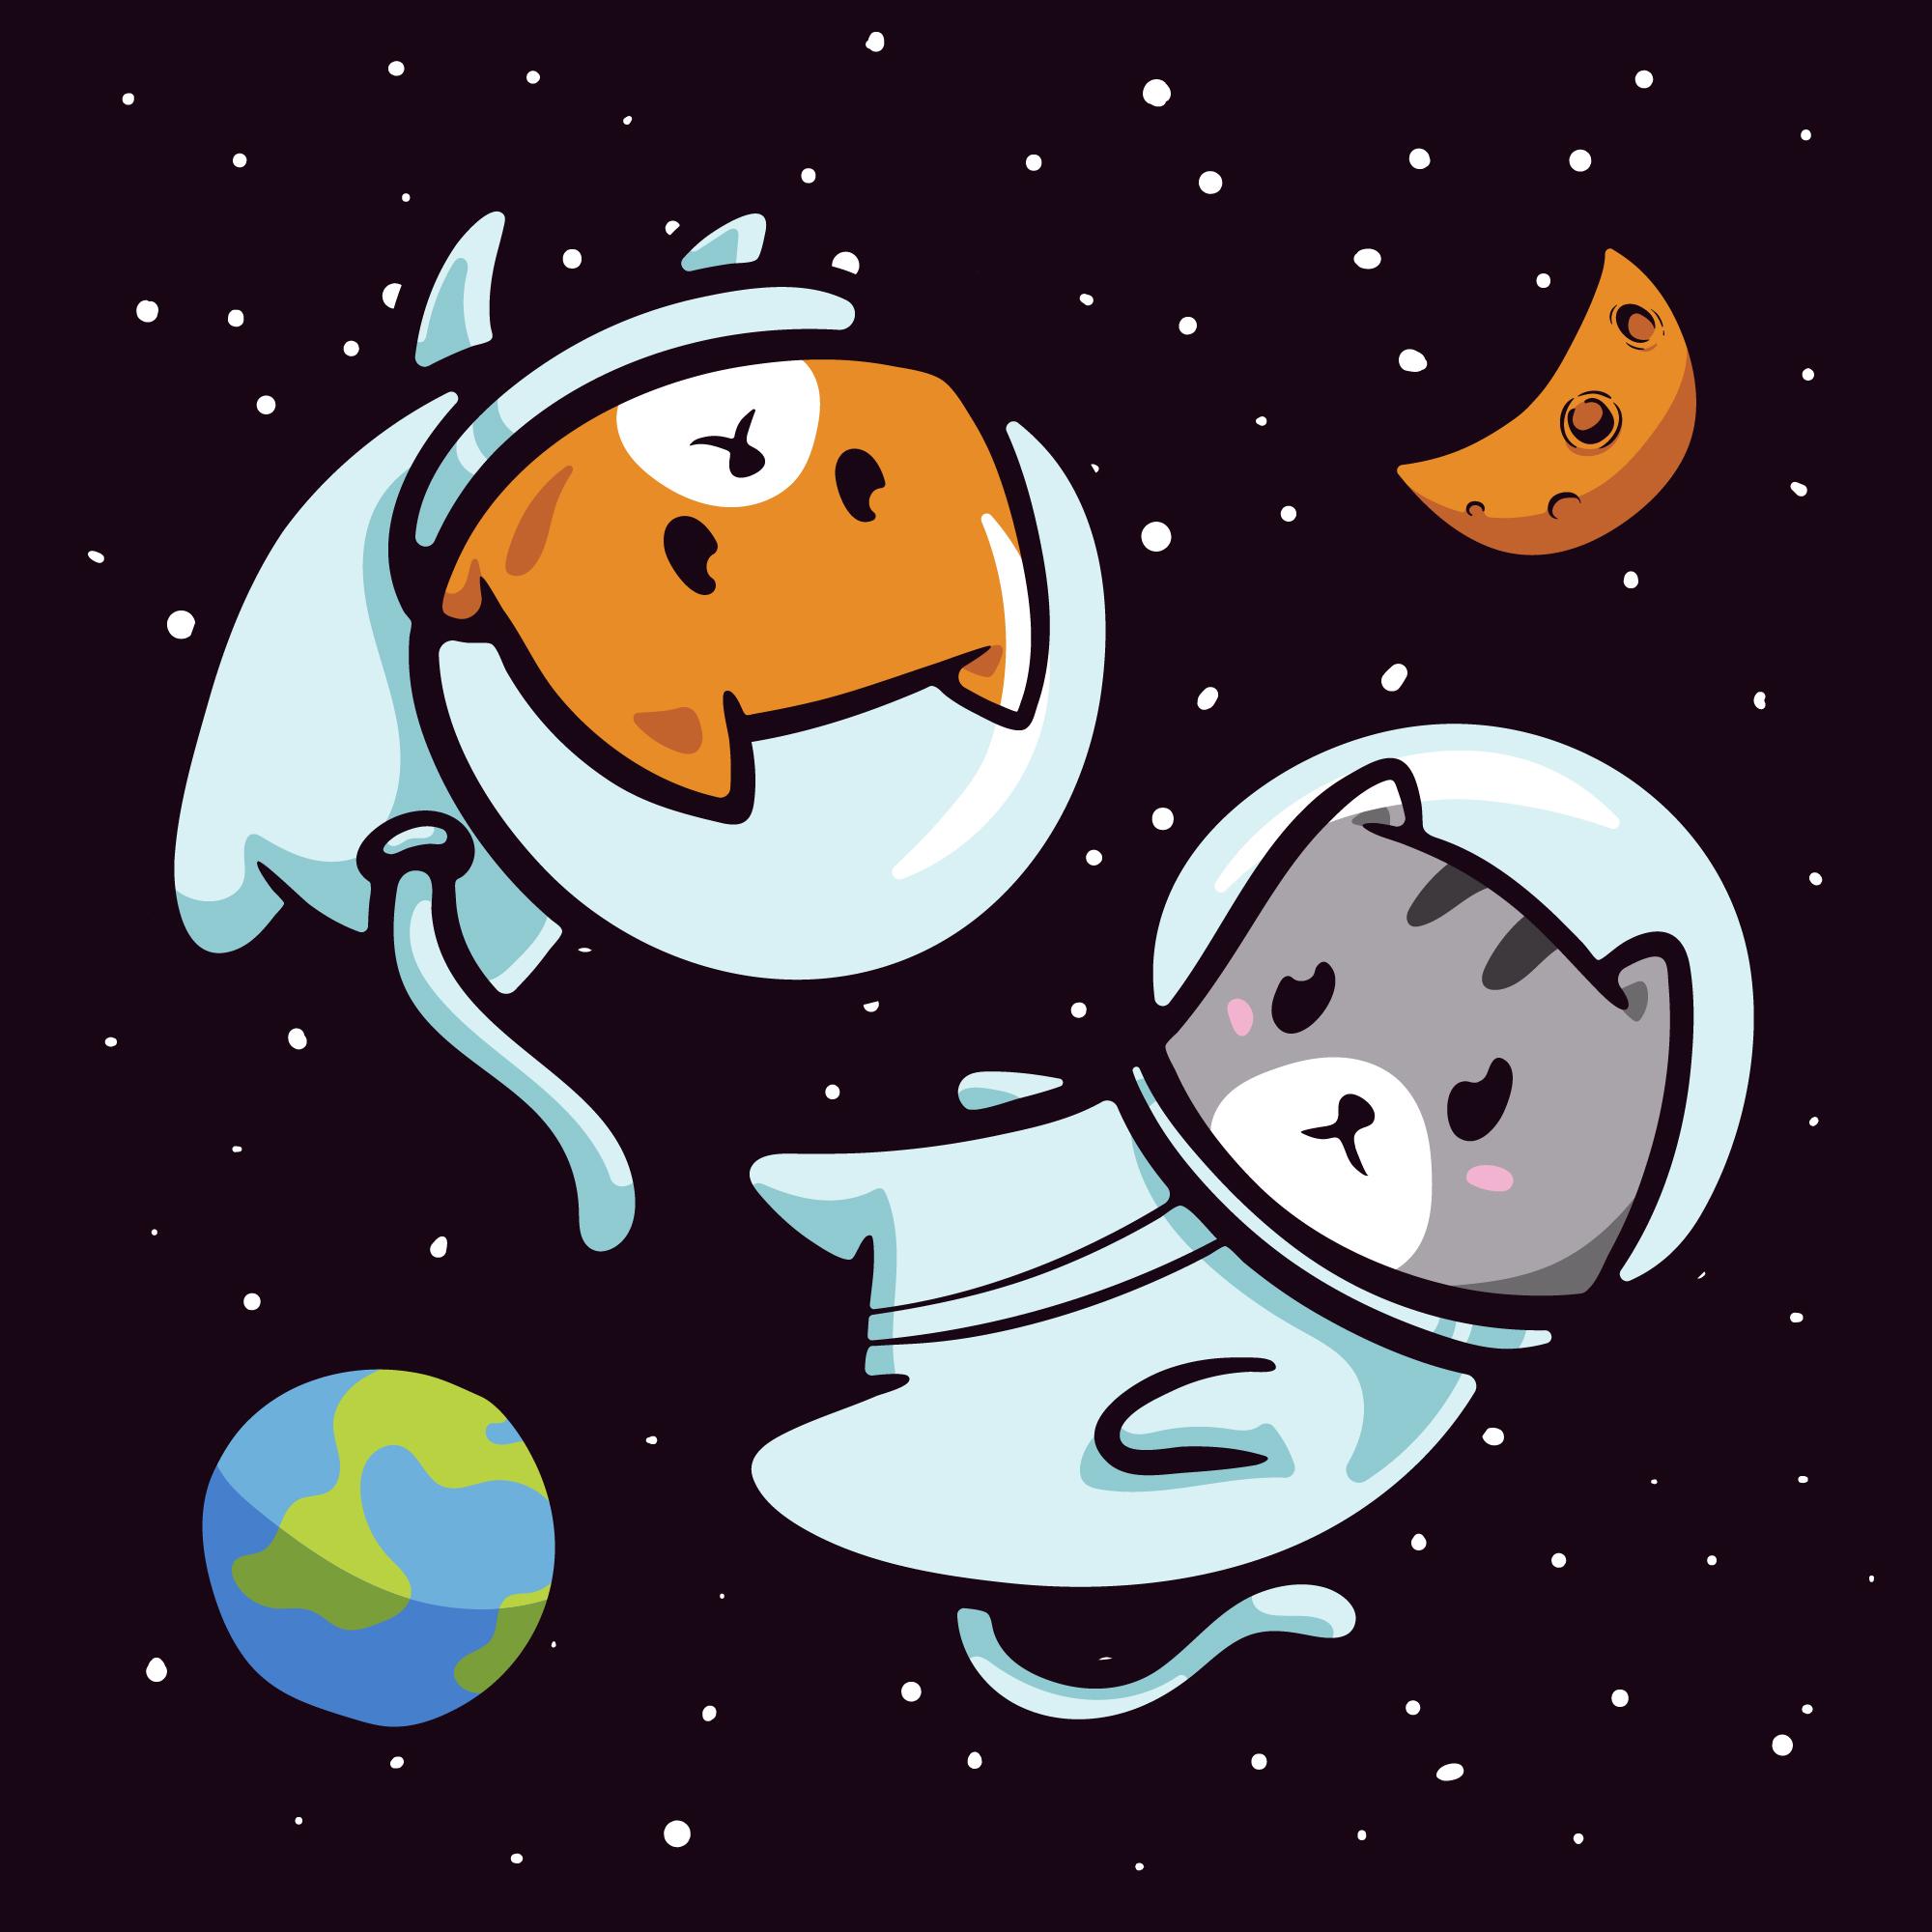 宇宙猫とは?【宇宙と猫が謎のコラボ?気になる宇宙猫の正体】